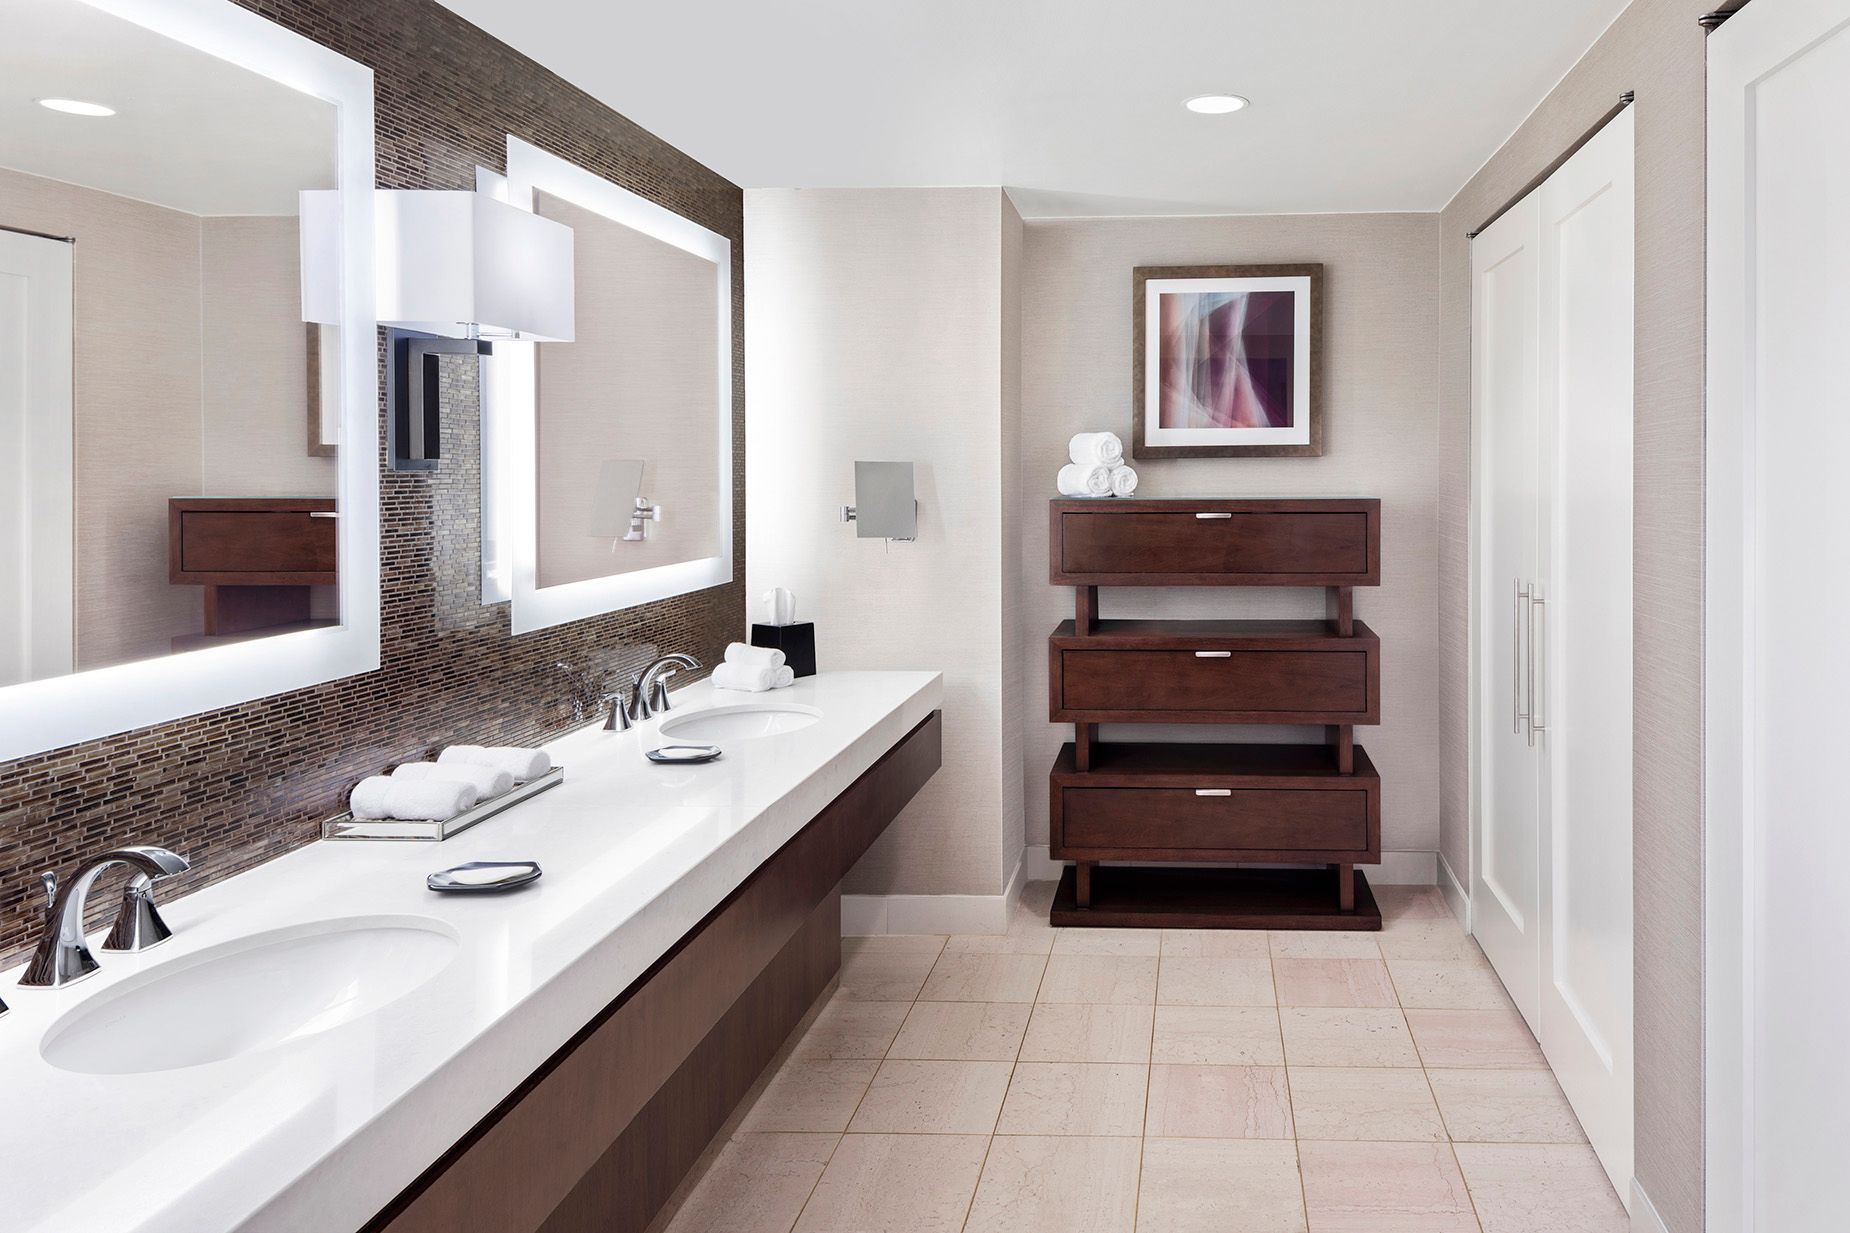 WES_ATLWB_Goveners_Suite_Bathroom.jpg